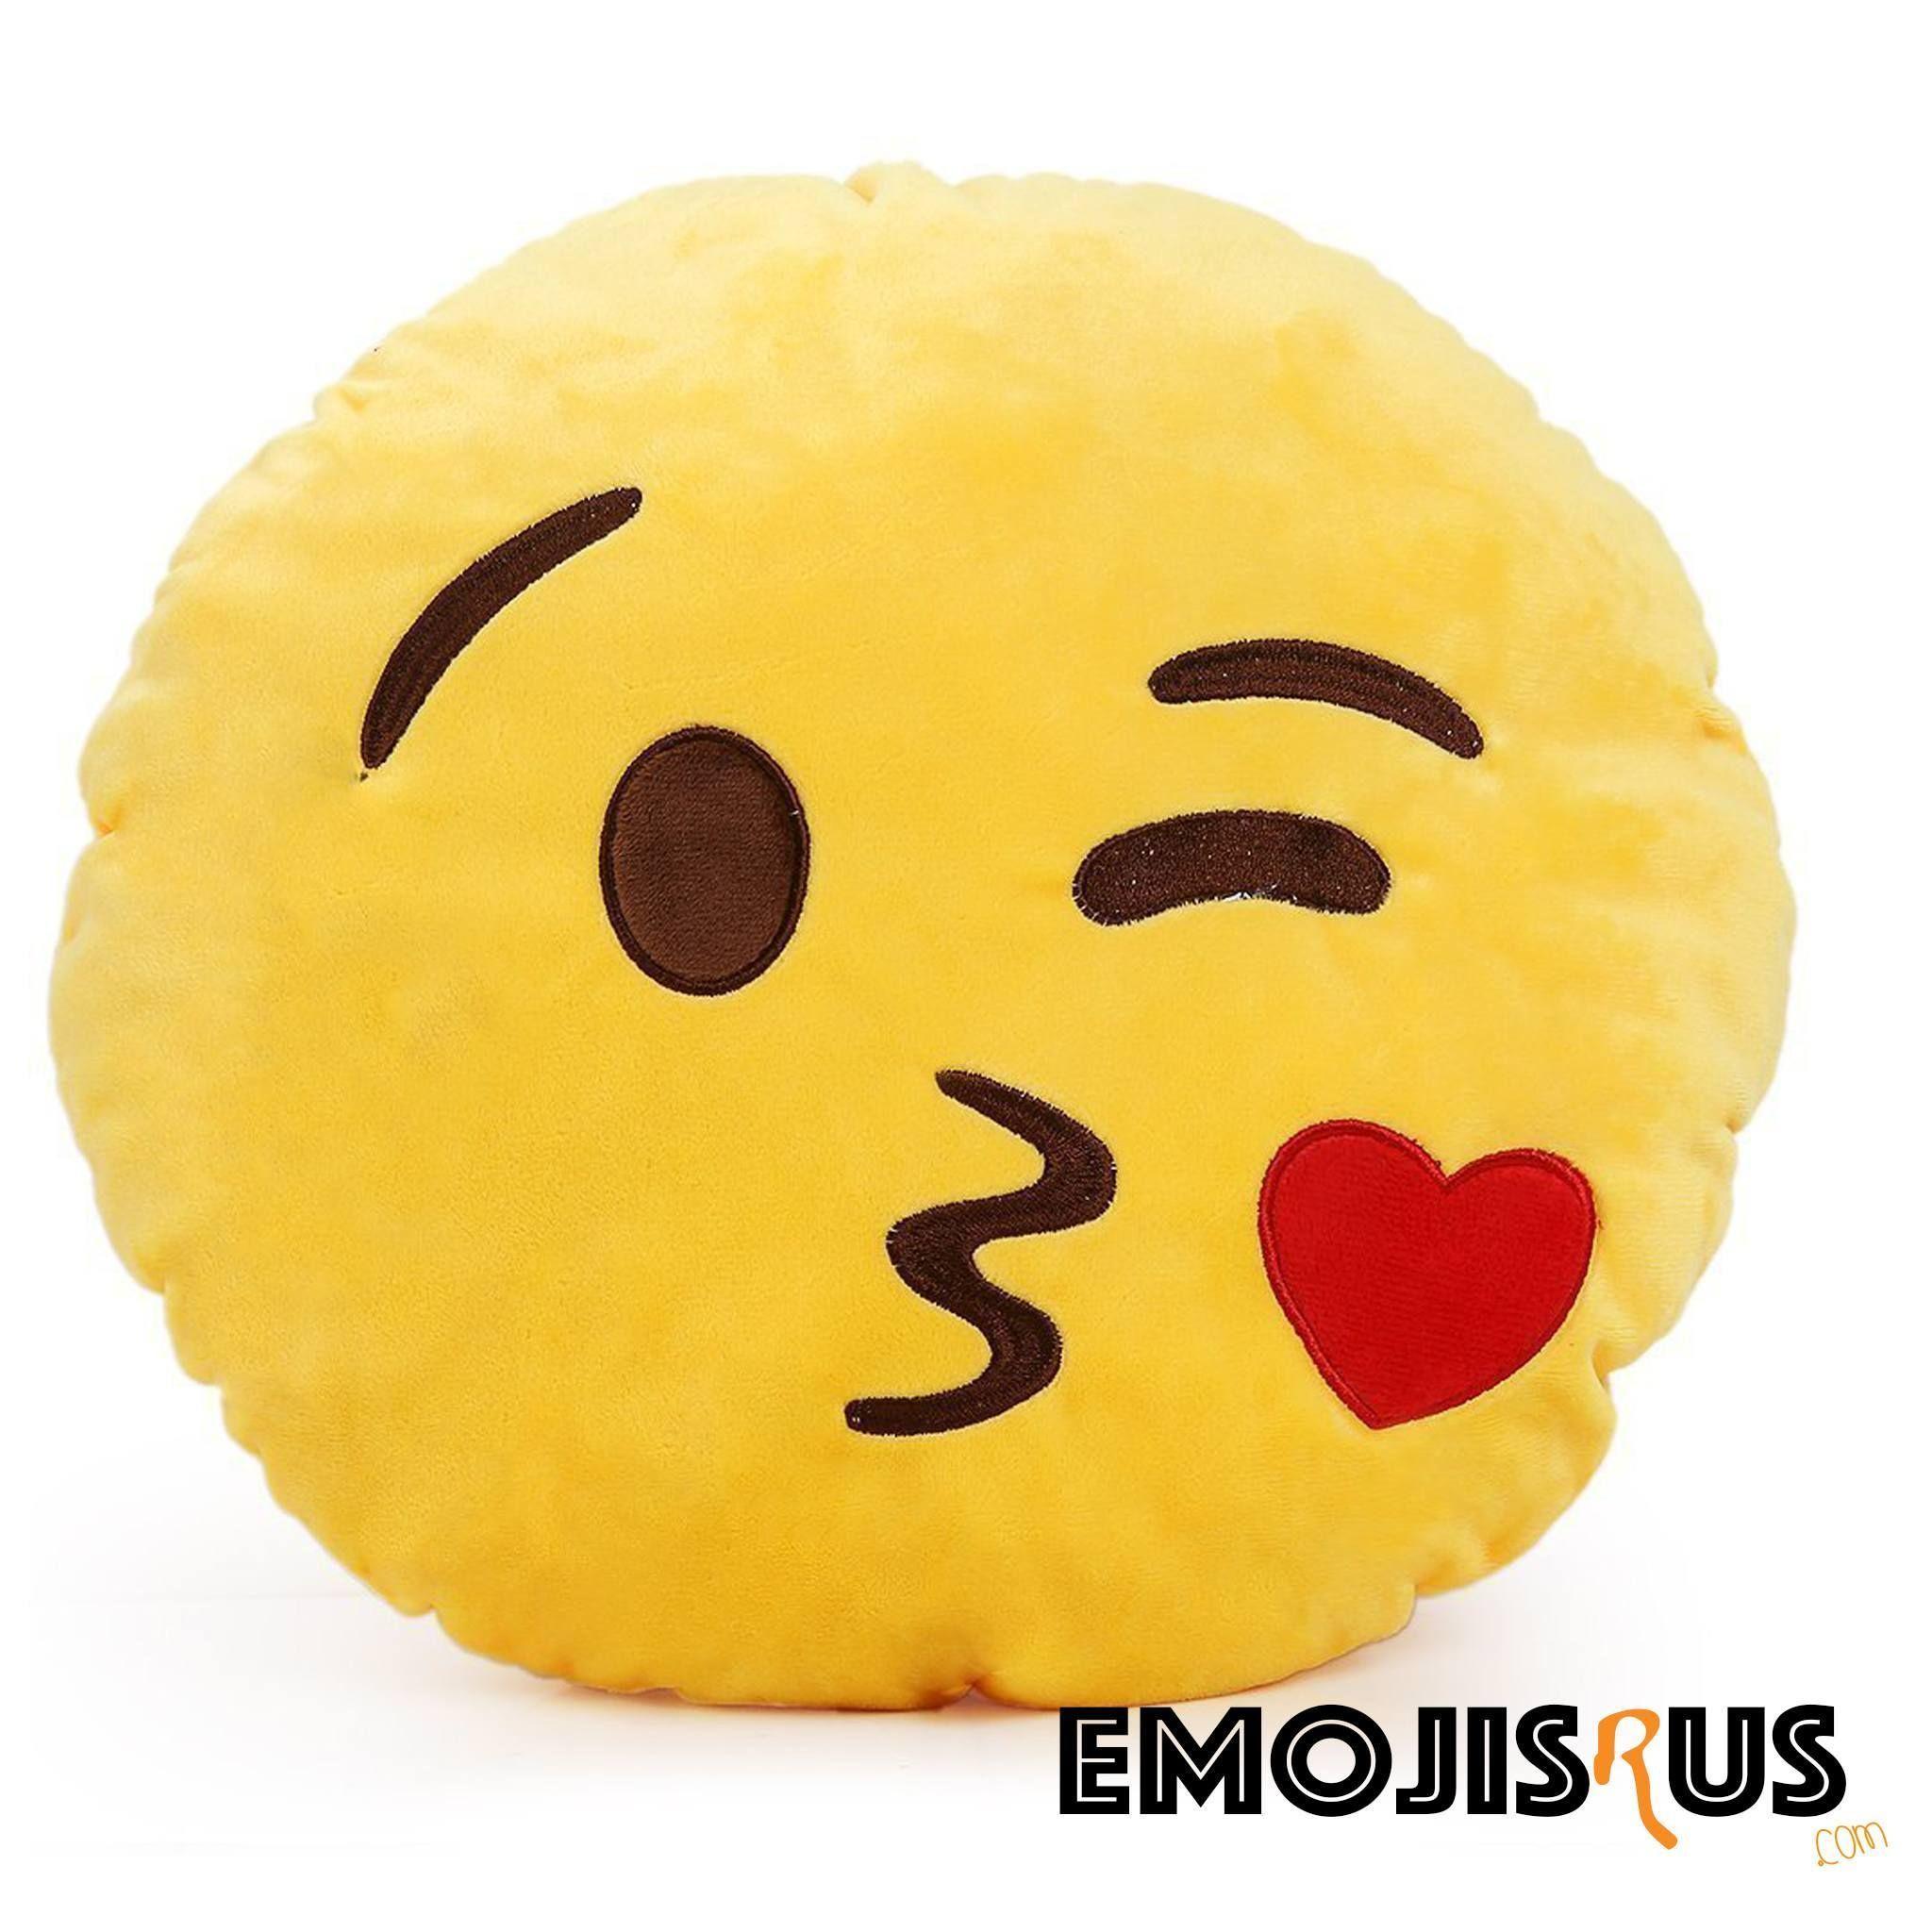 blowing kisses emoji pillow emojisrus products pinterest kiss